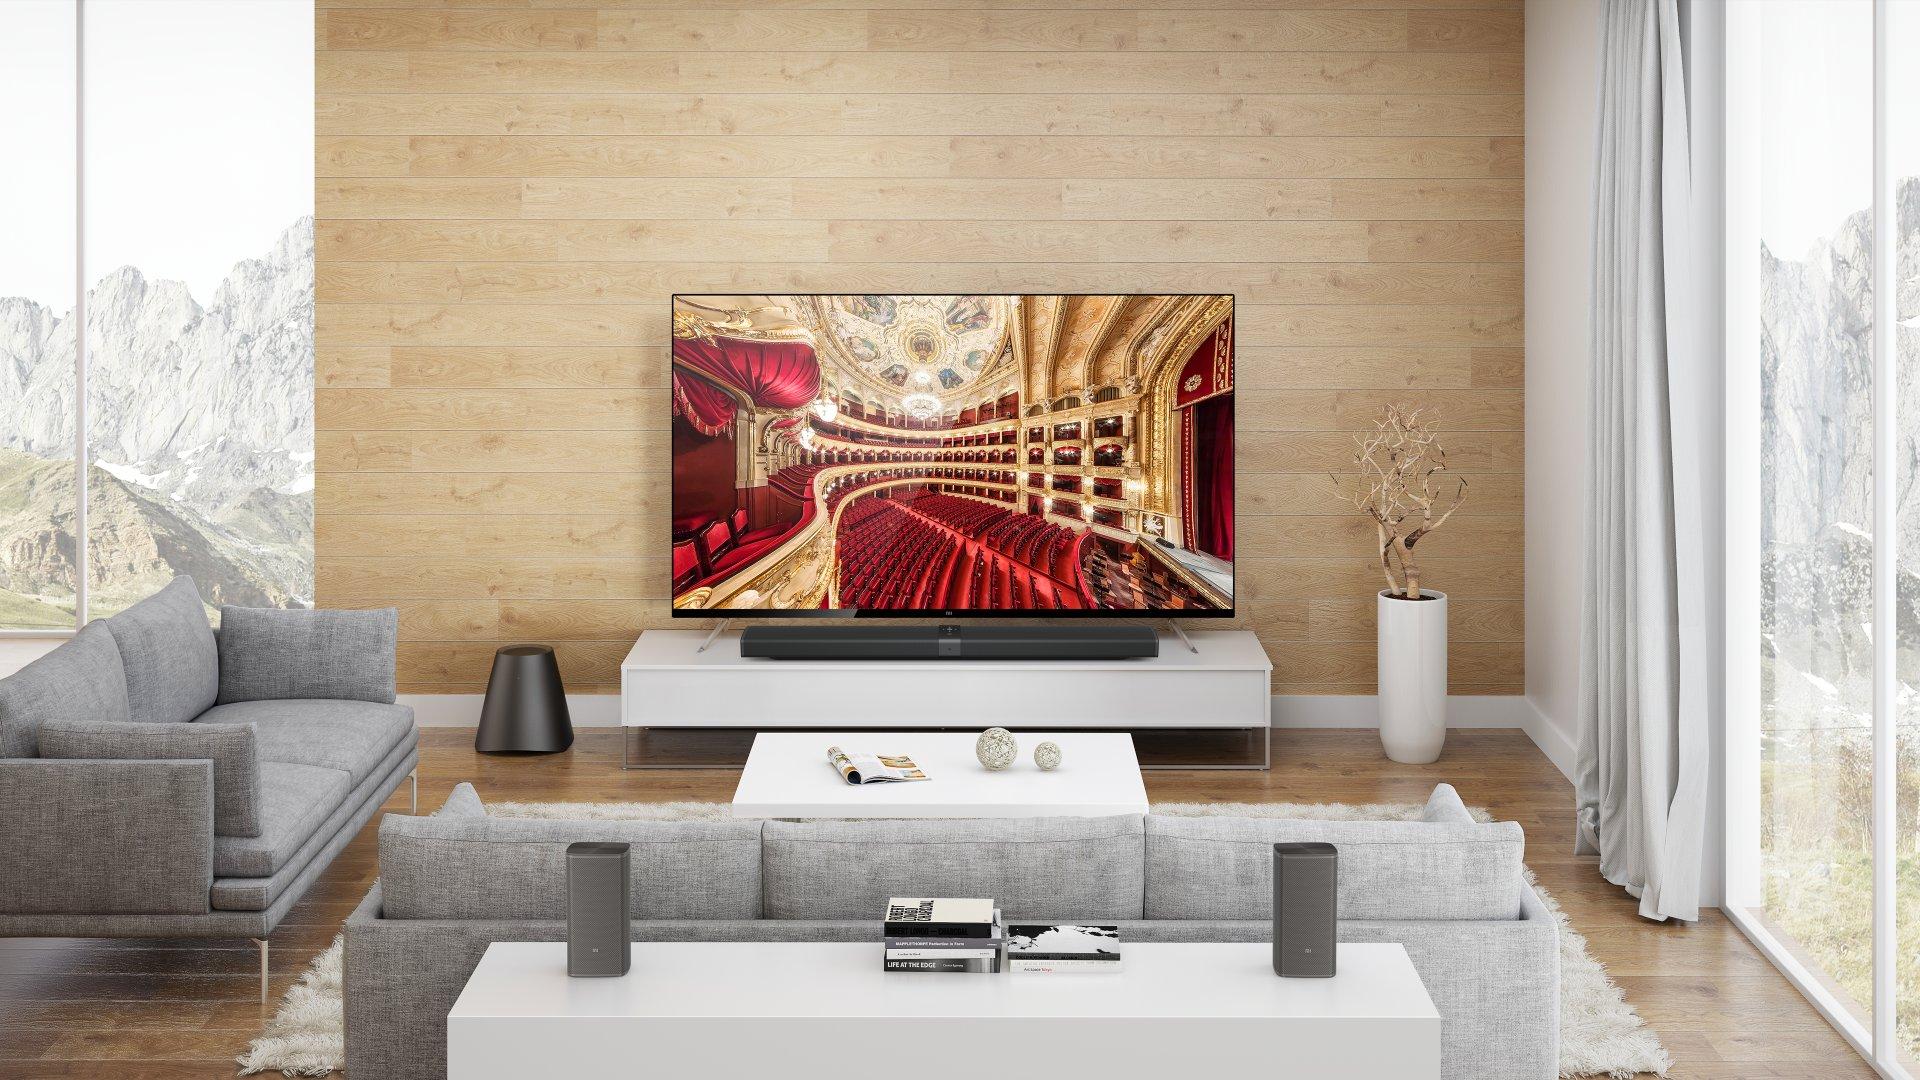 Xiaomi's Mi TV 4.